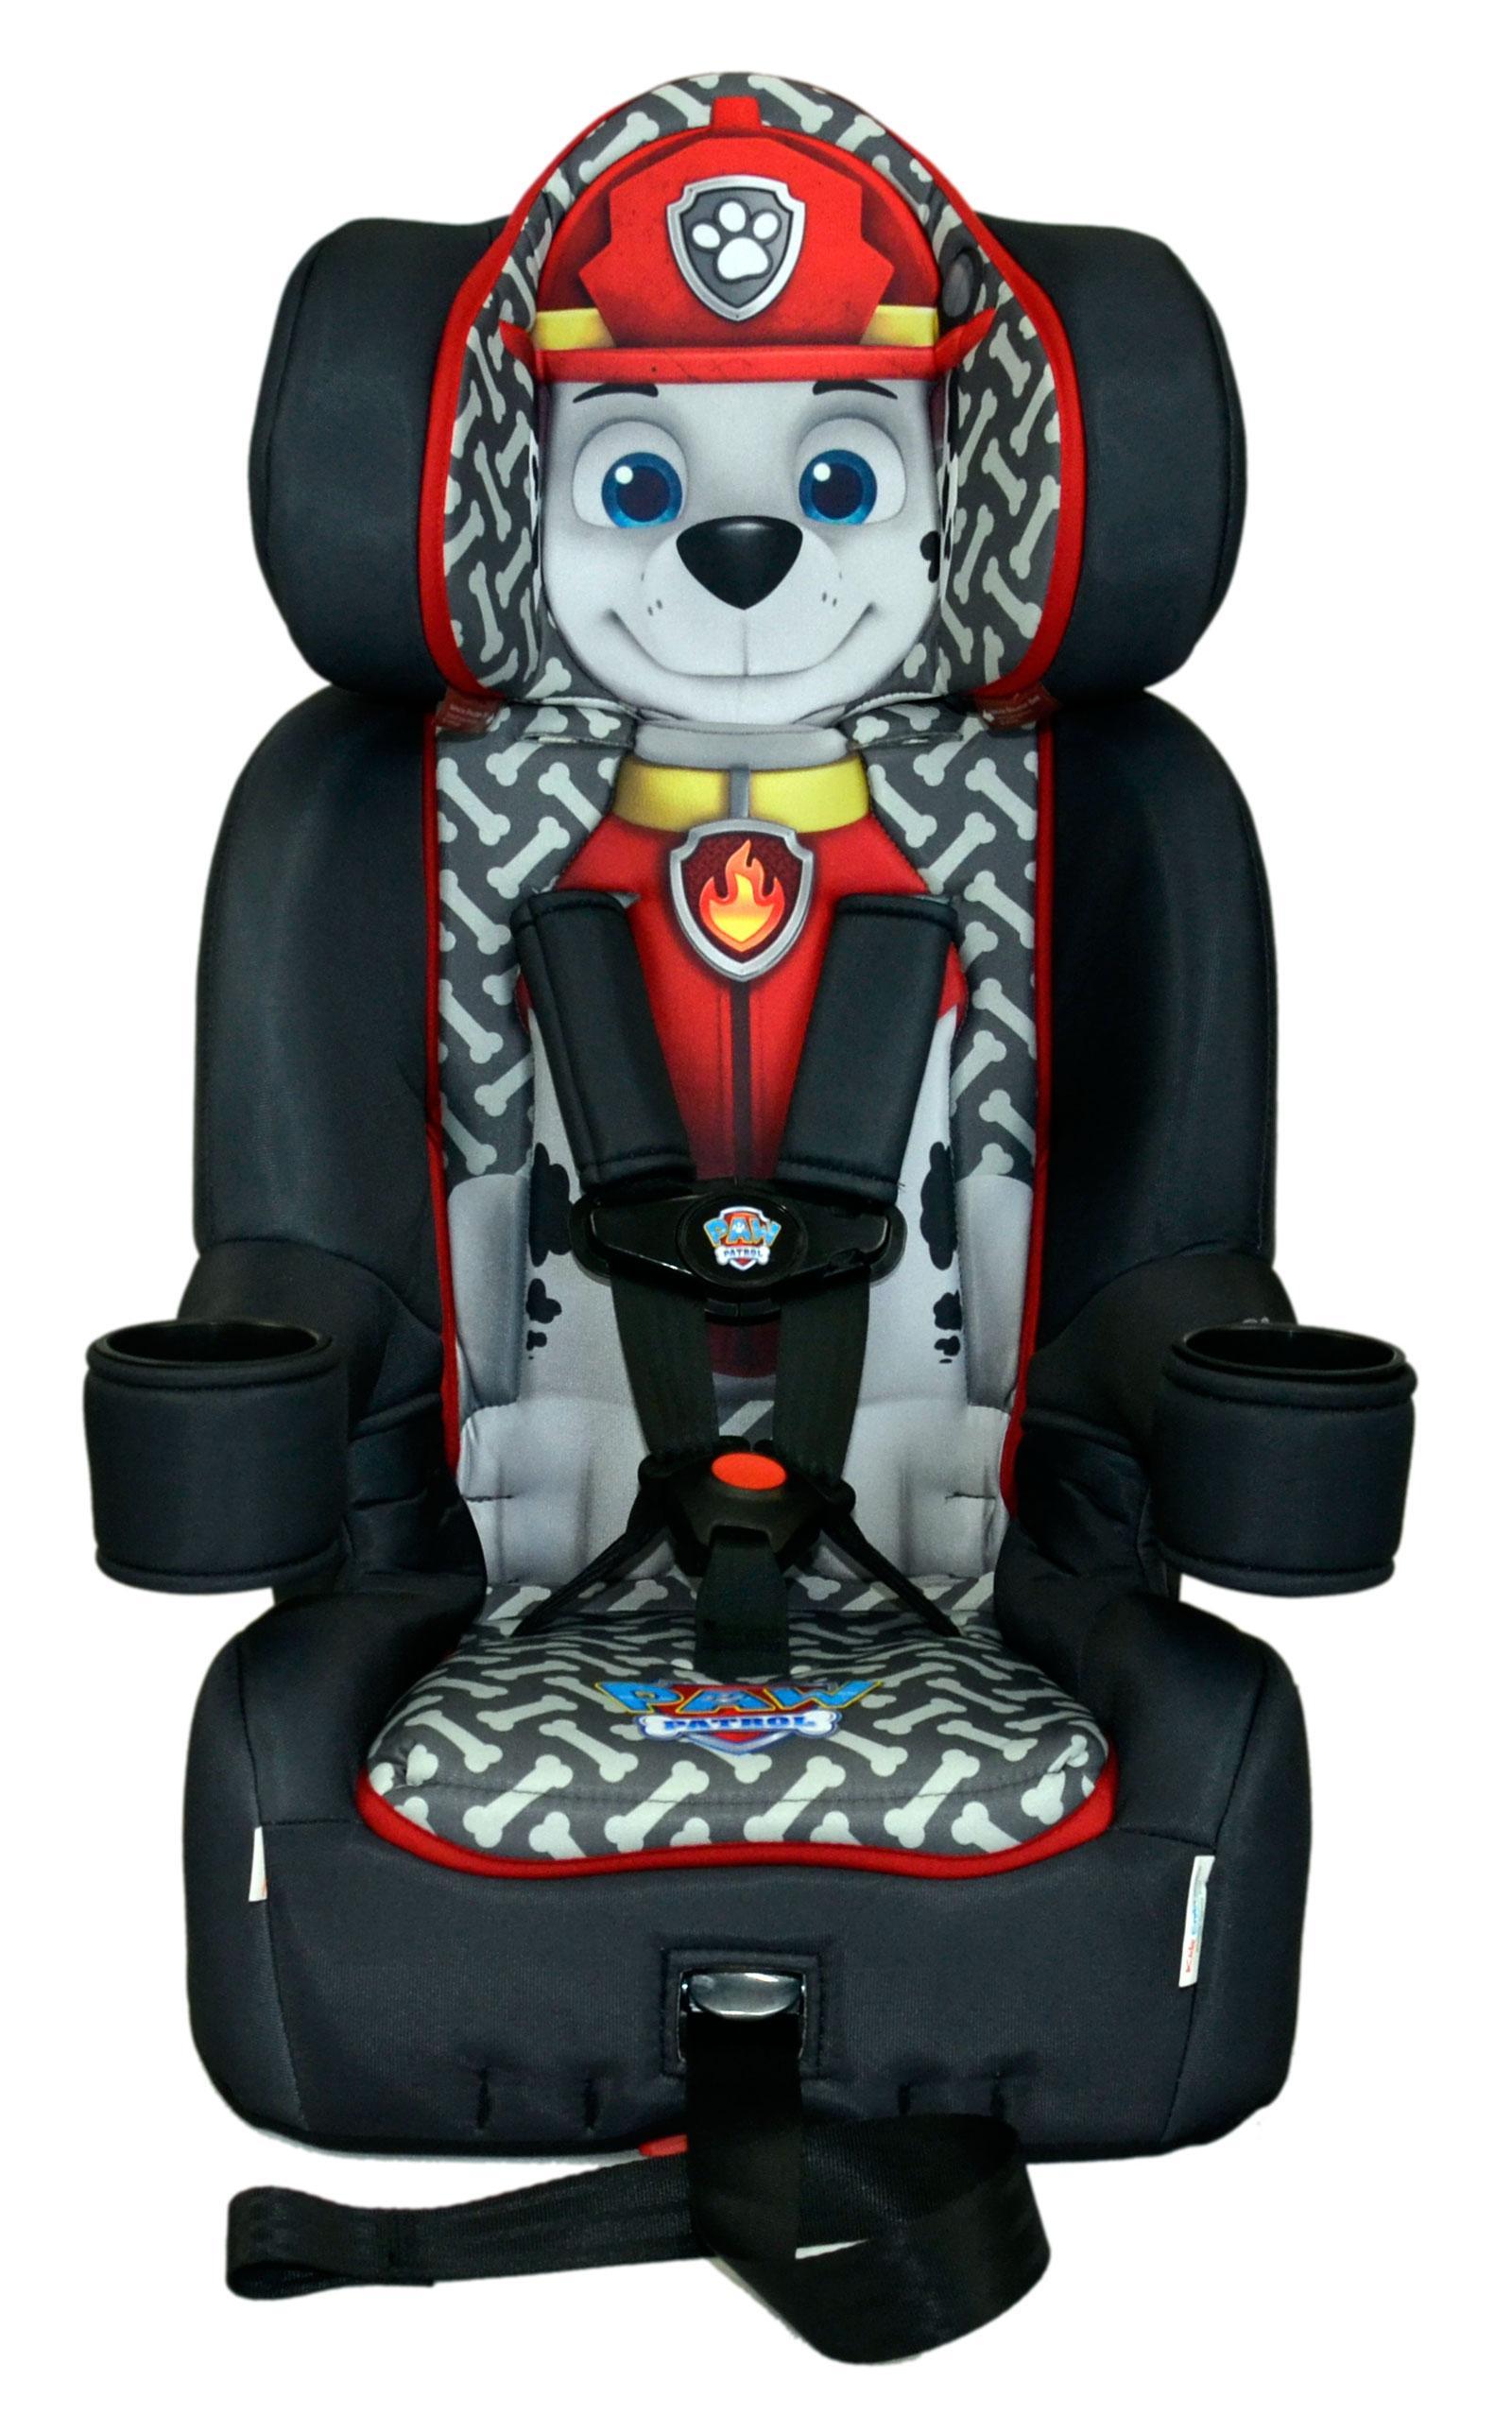 Amazon.com : KidsEmbrace Paw Patrol Booster Car Seat